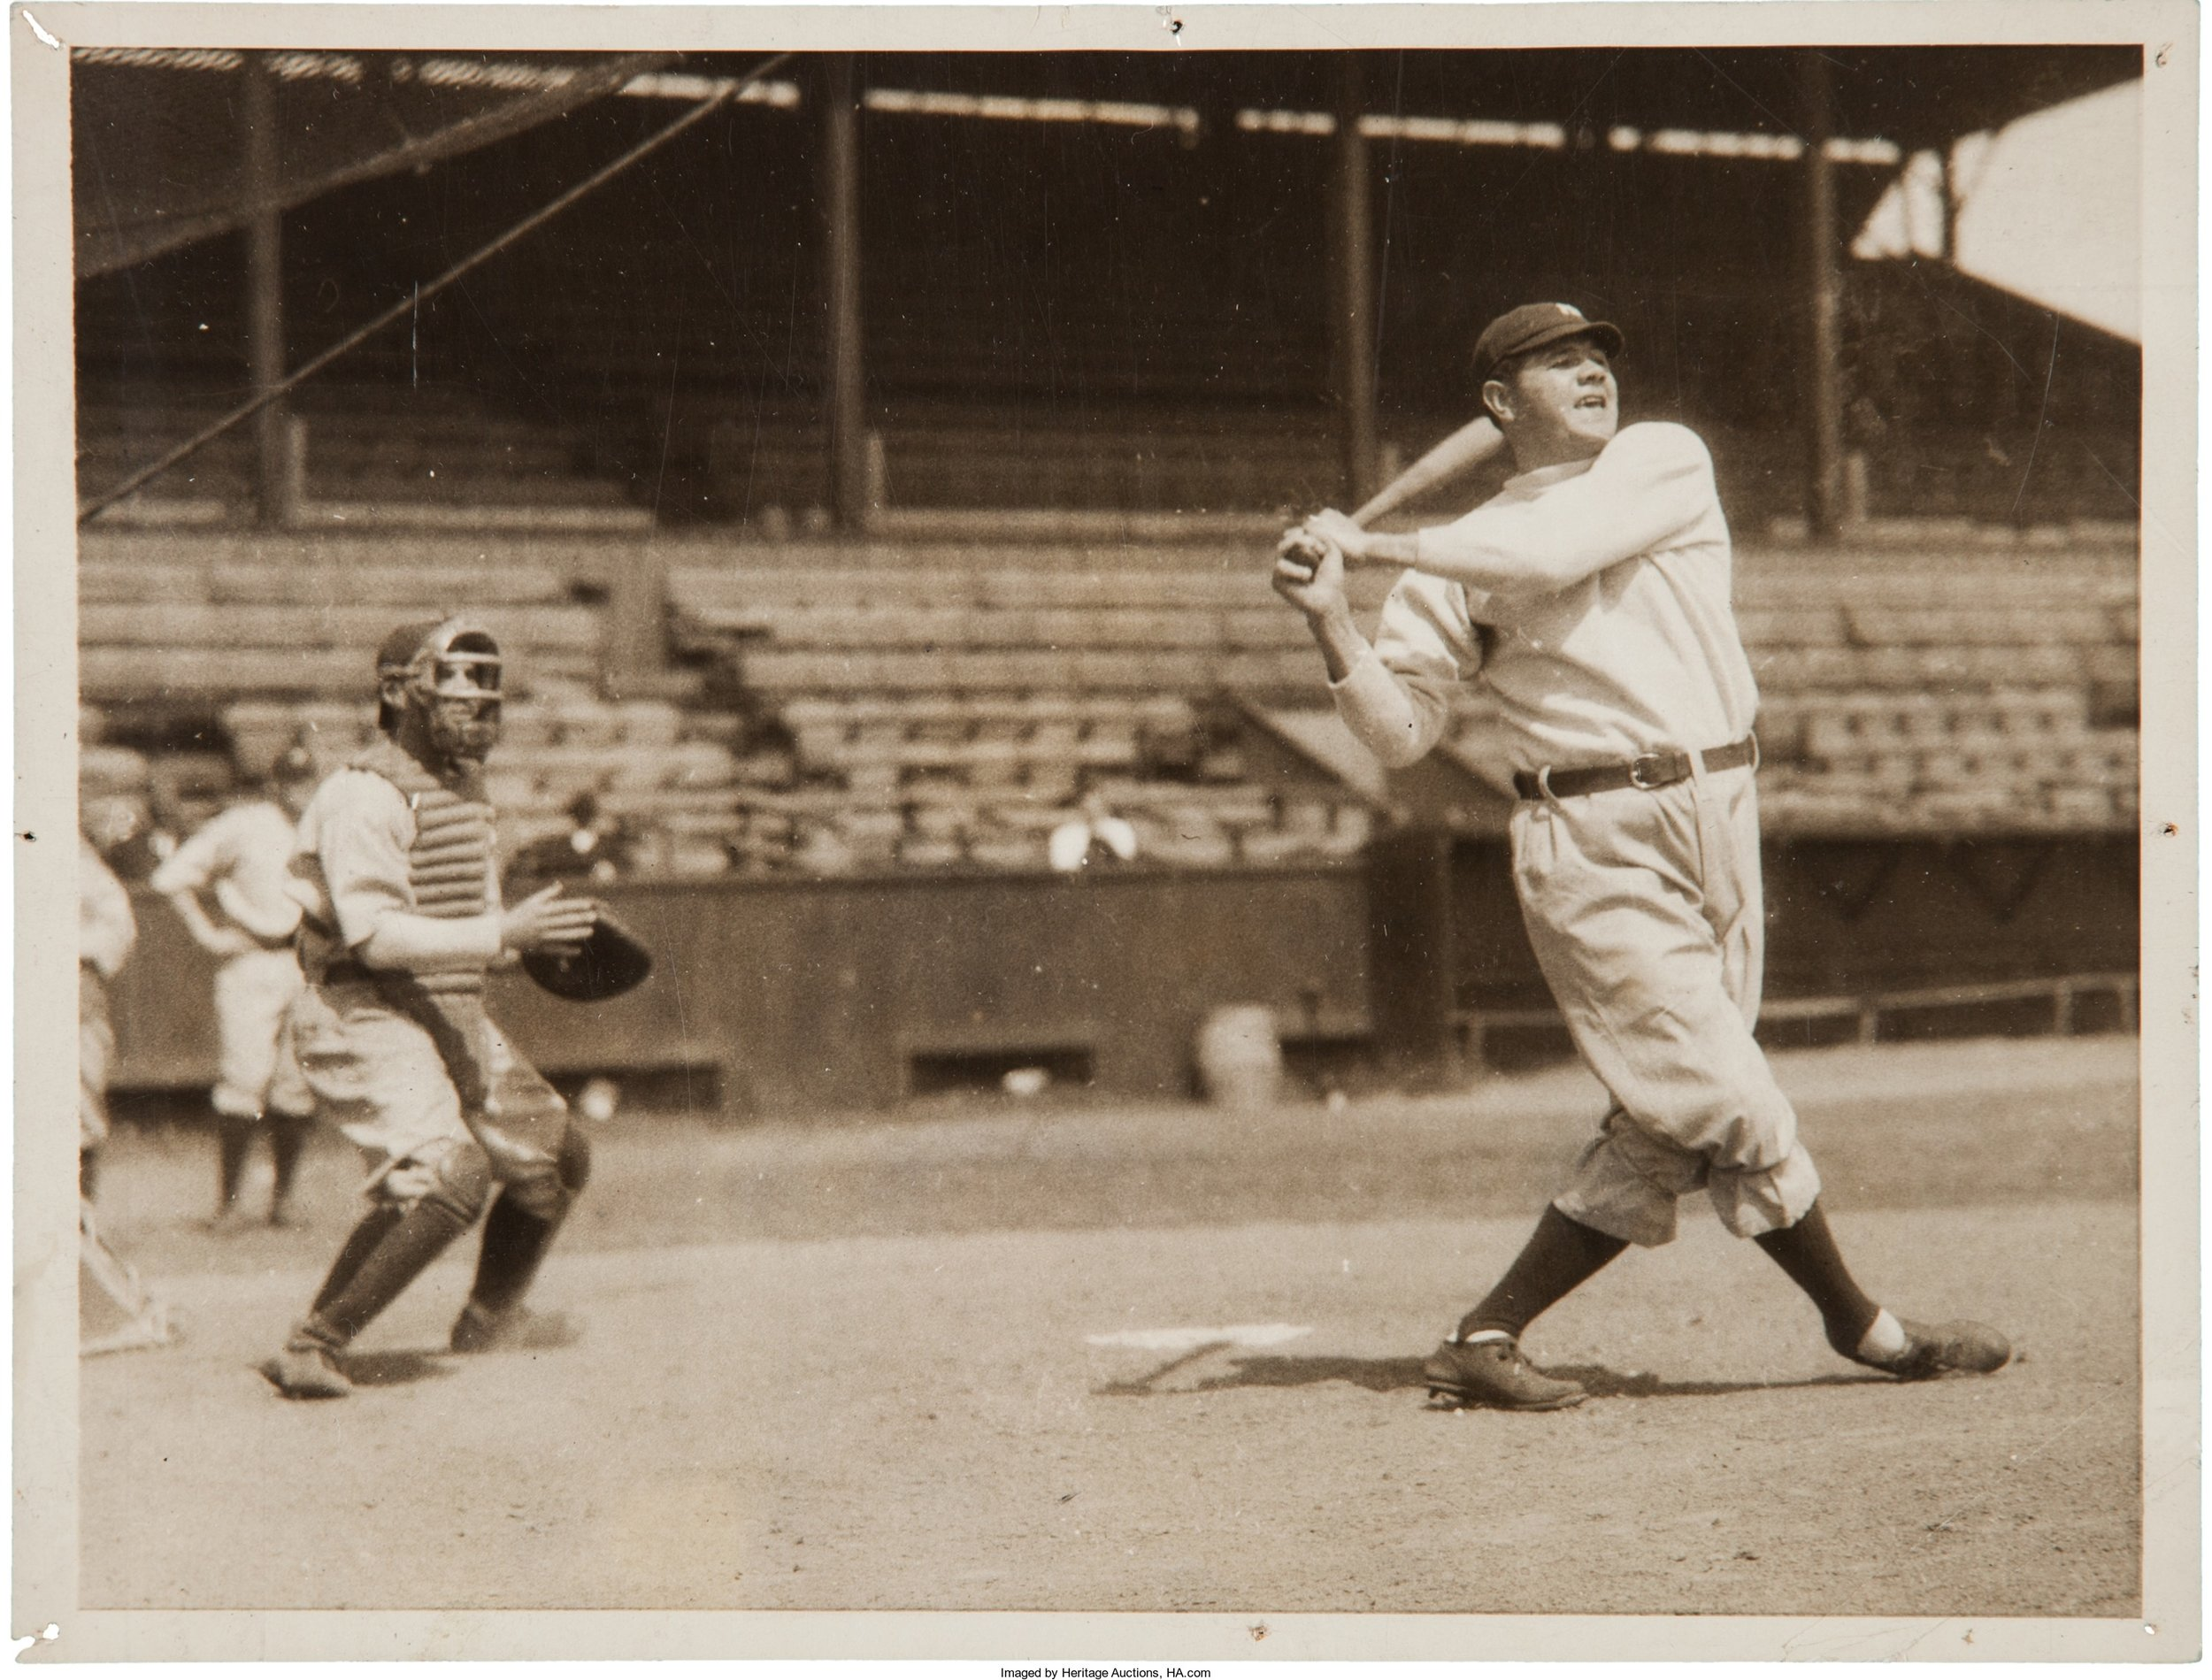 1920s_Babe_Ruth_in_full_swing.jpg